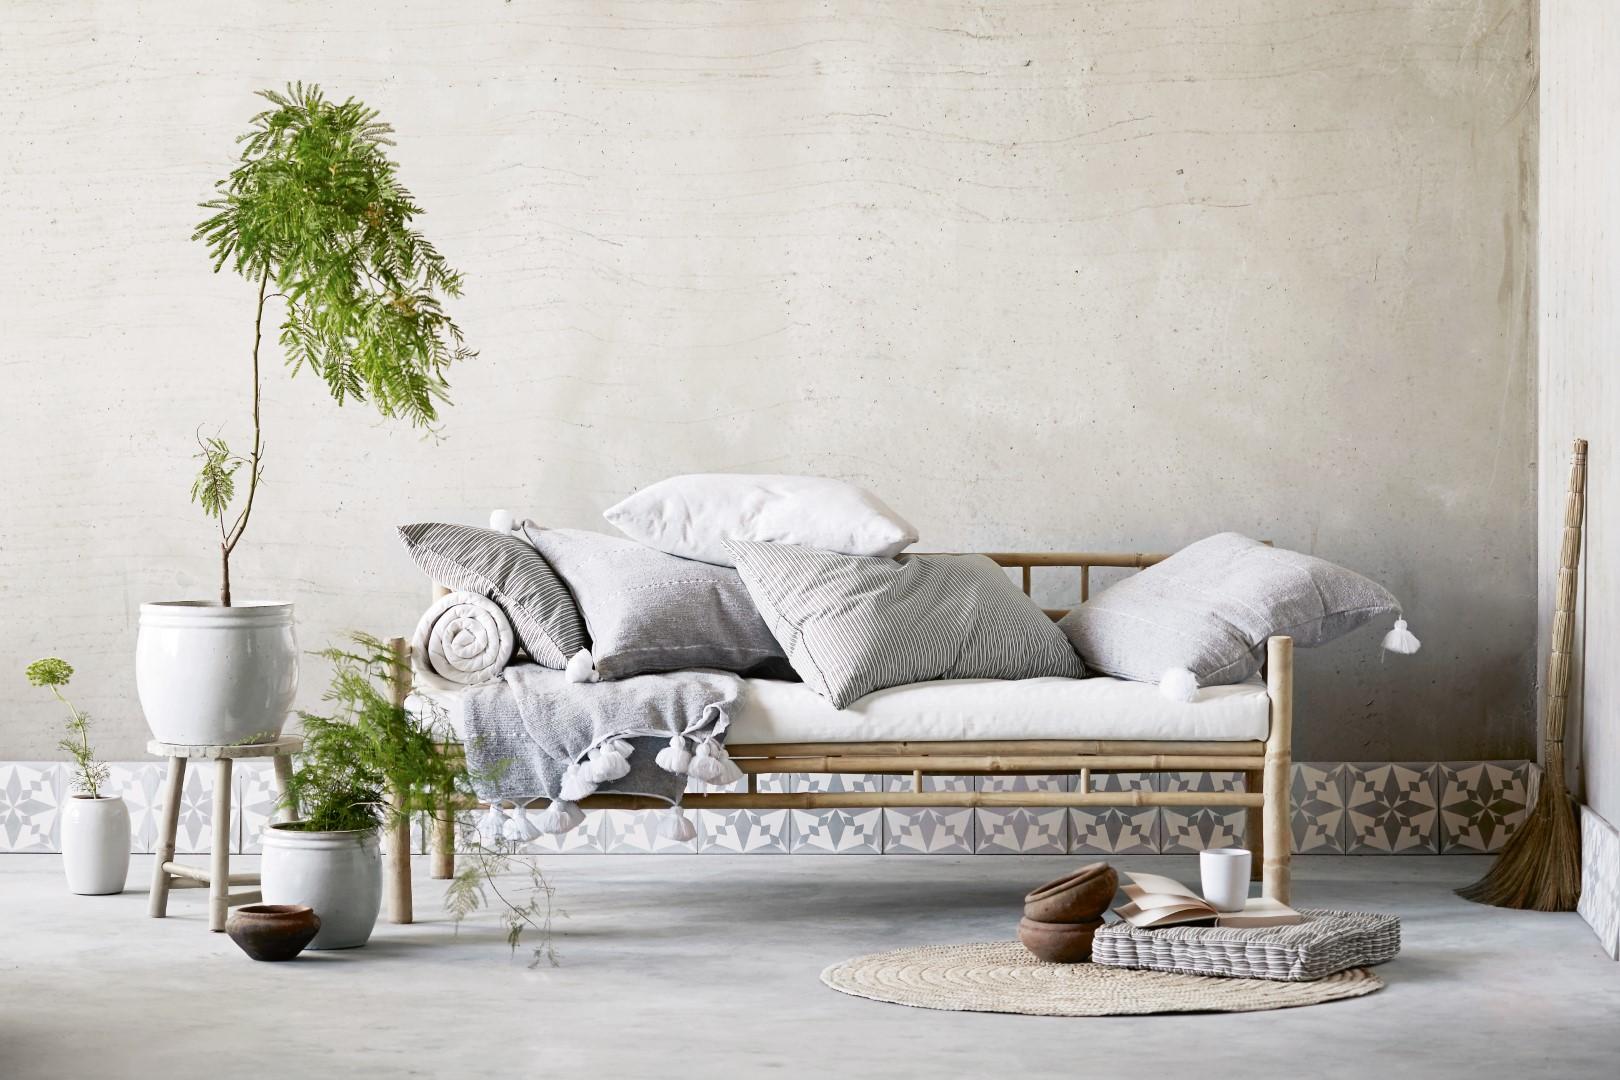 Bambu soffa bild 2 (Large)